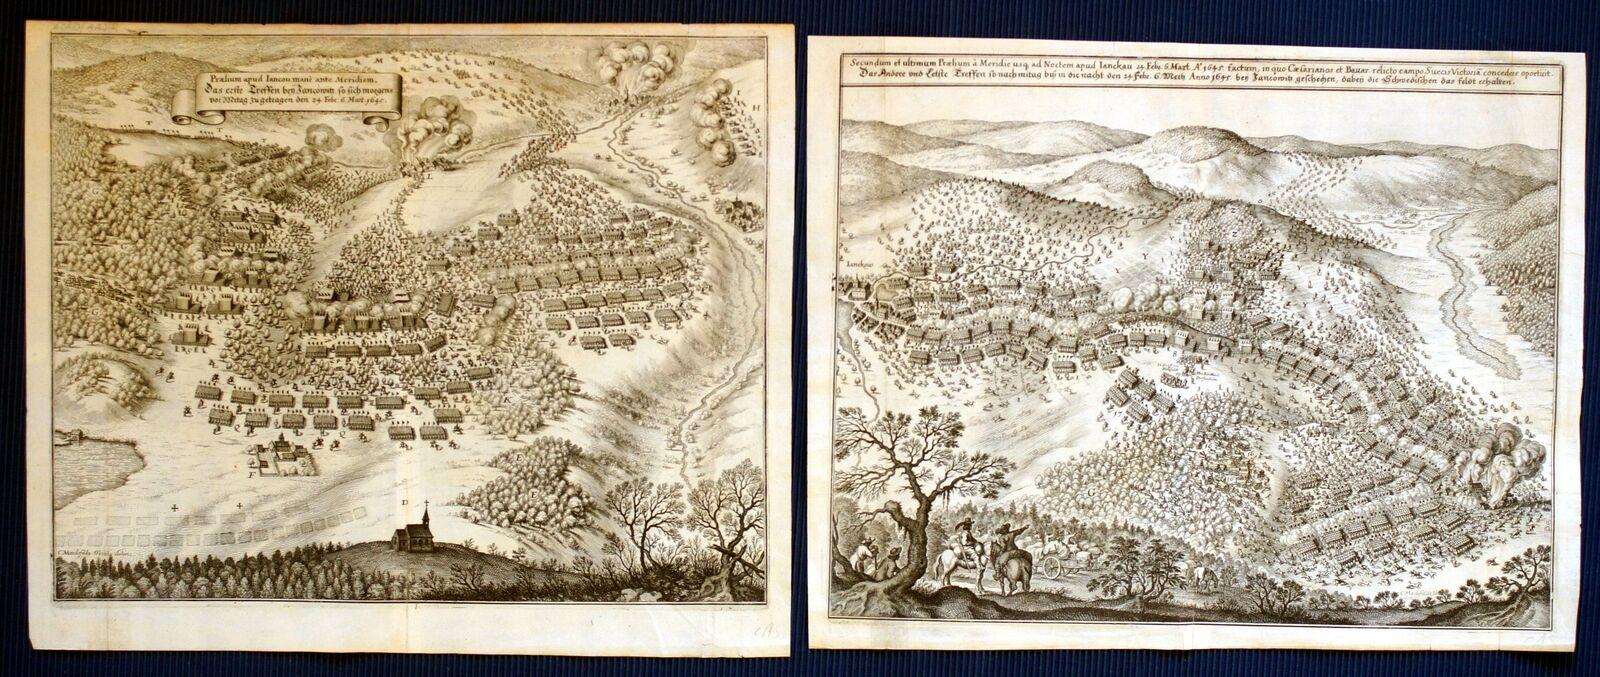 JANKAU Schlacht im 30-jährigen Krieg zwei Kupferstiche von Merian 1647 ORIGINALE